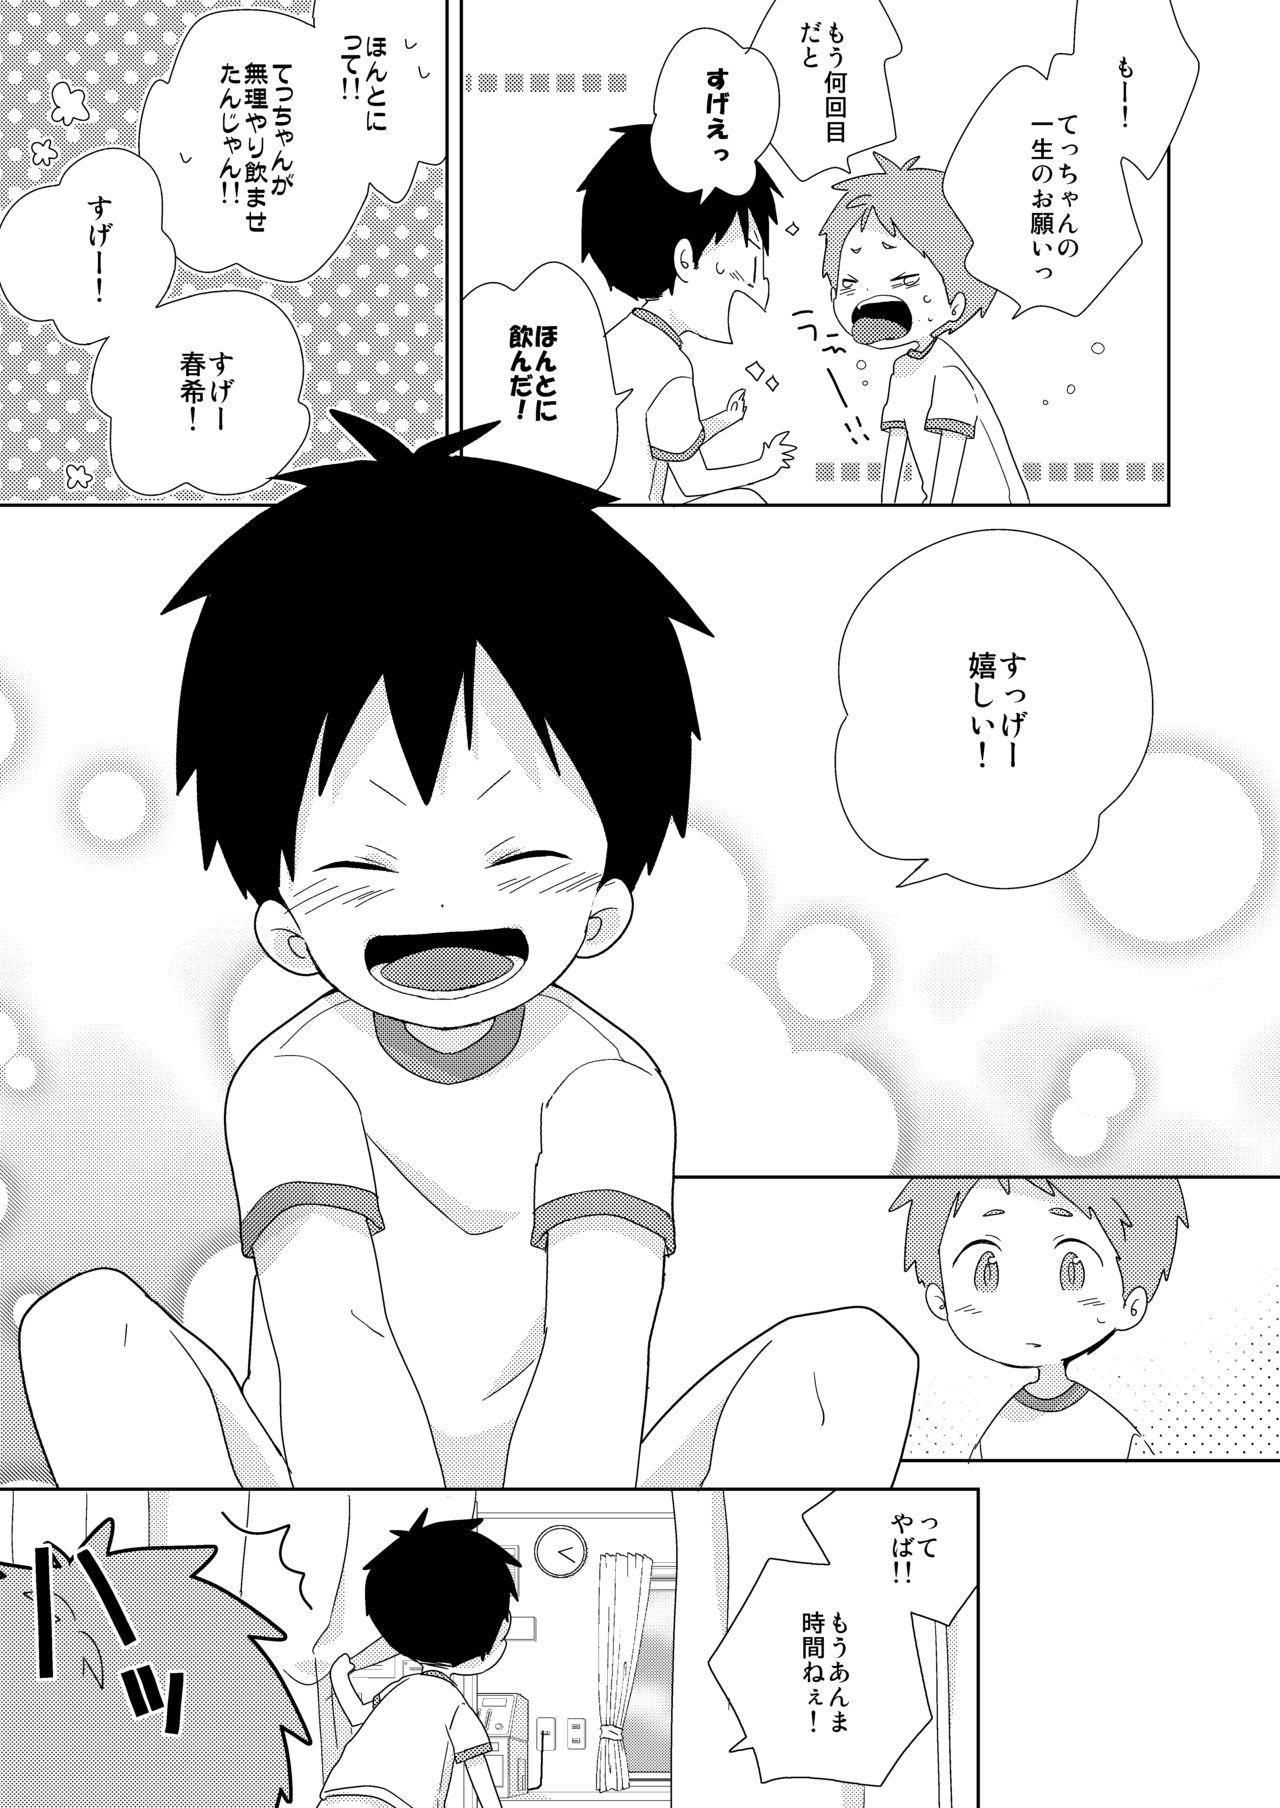 Tomodachi to wa Konna Koto Shinai! 10